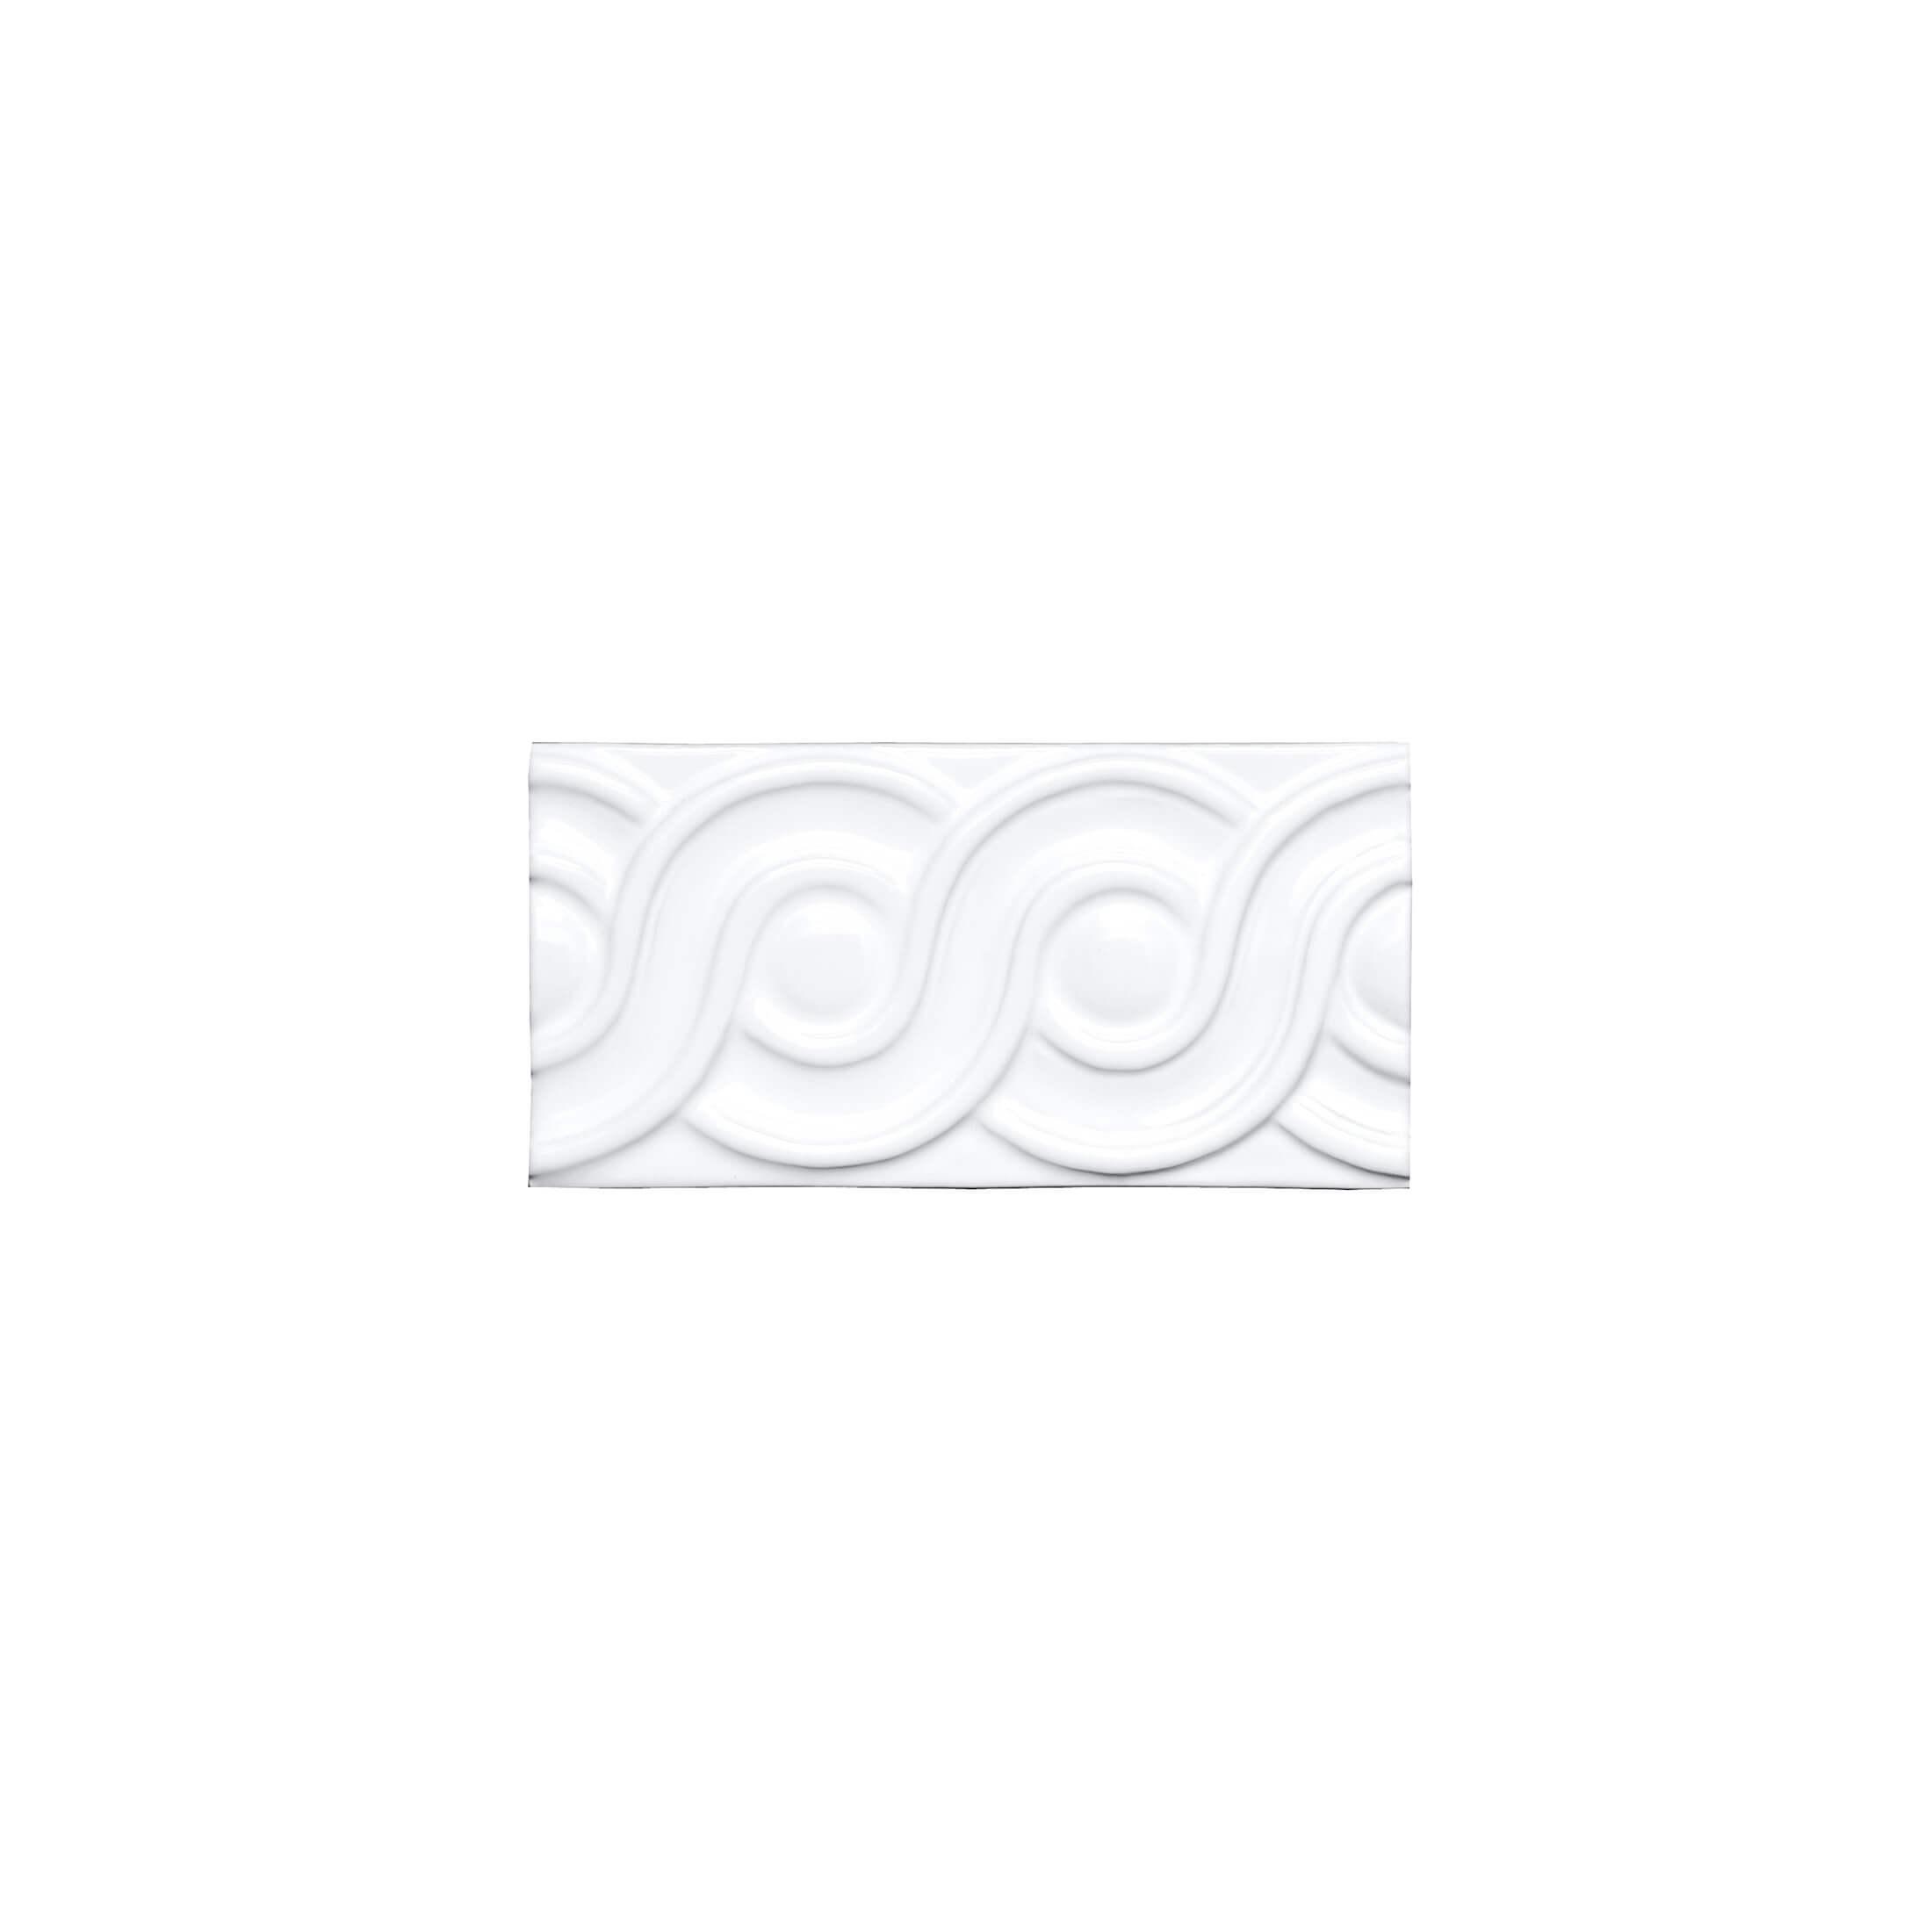 ADNE4113 - RELIEVE CLASICO - 7.5 cm X 15 cm